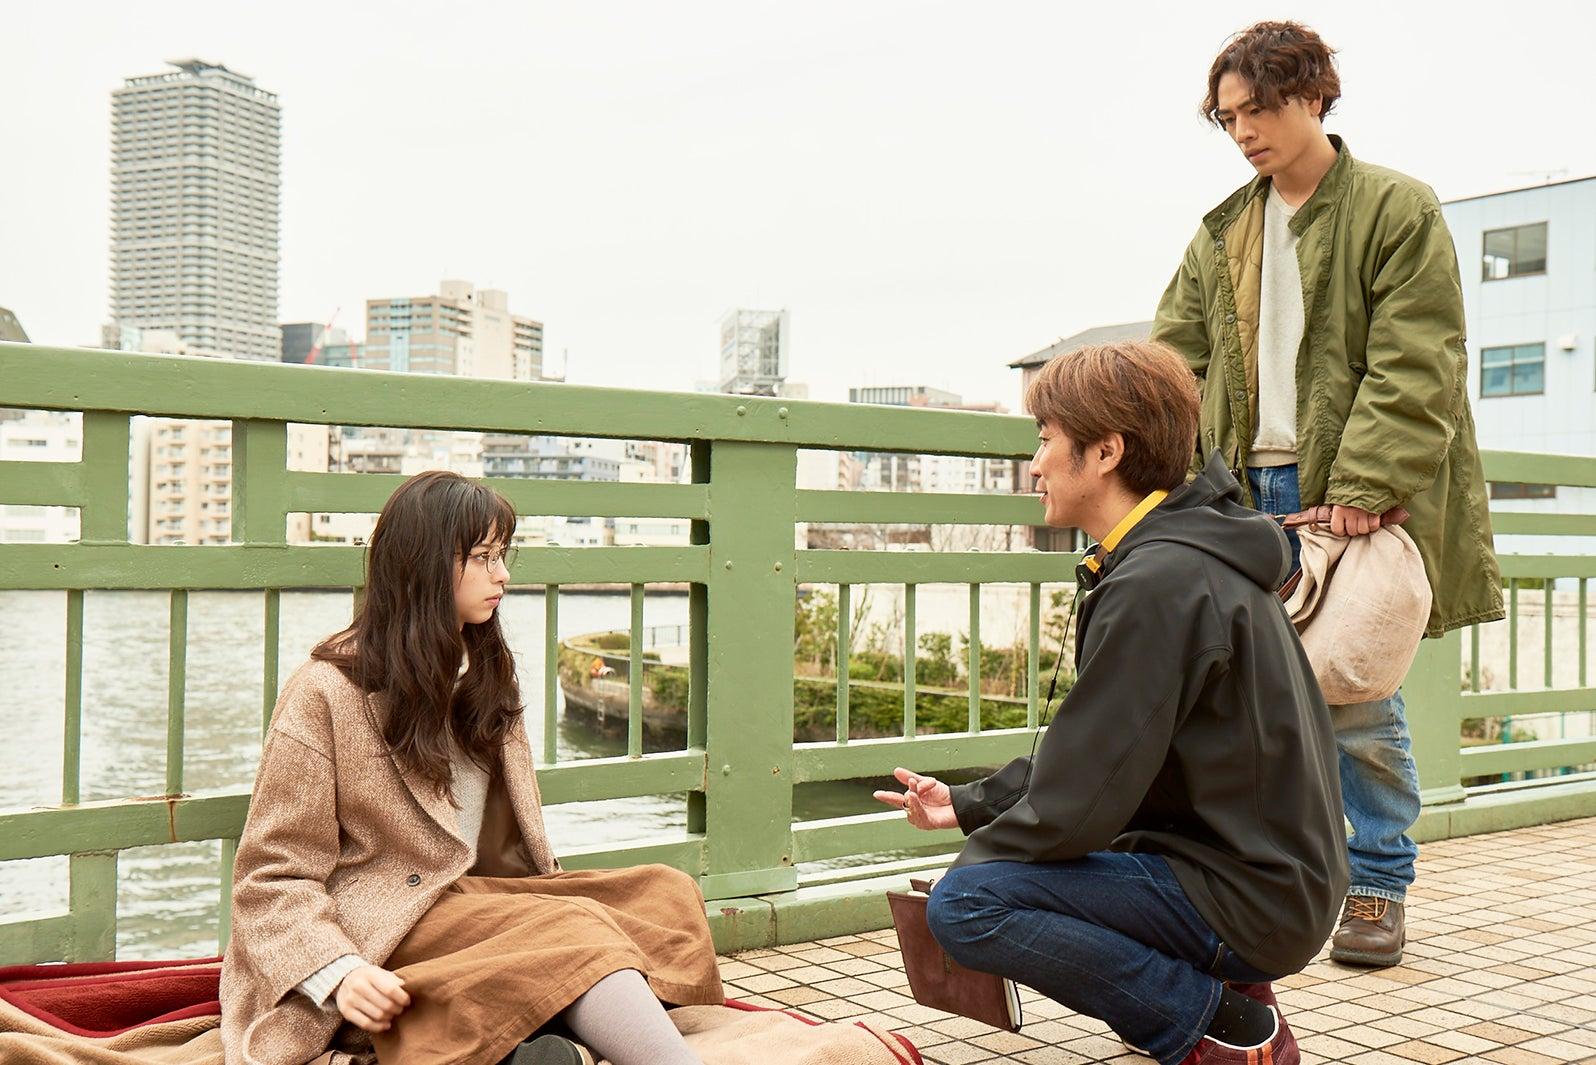 中条あやみ、橋本光二郎監督、登坂広臣 (C)2019 映画